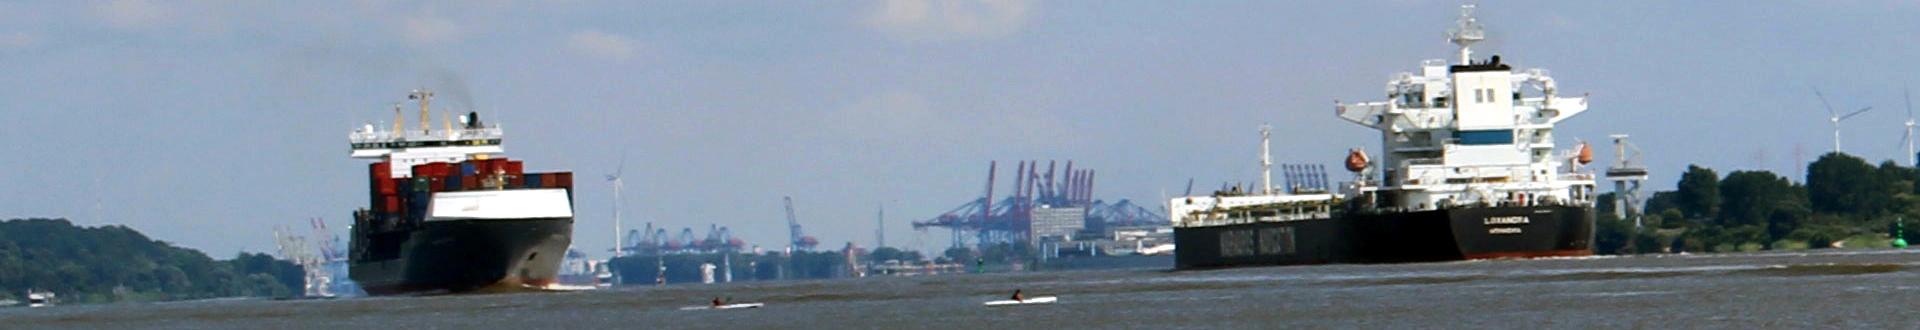 Uhtenwoldt Blick auf Hamburger Hafen